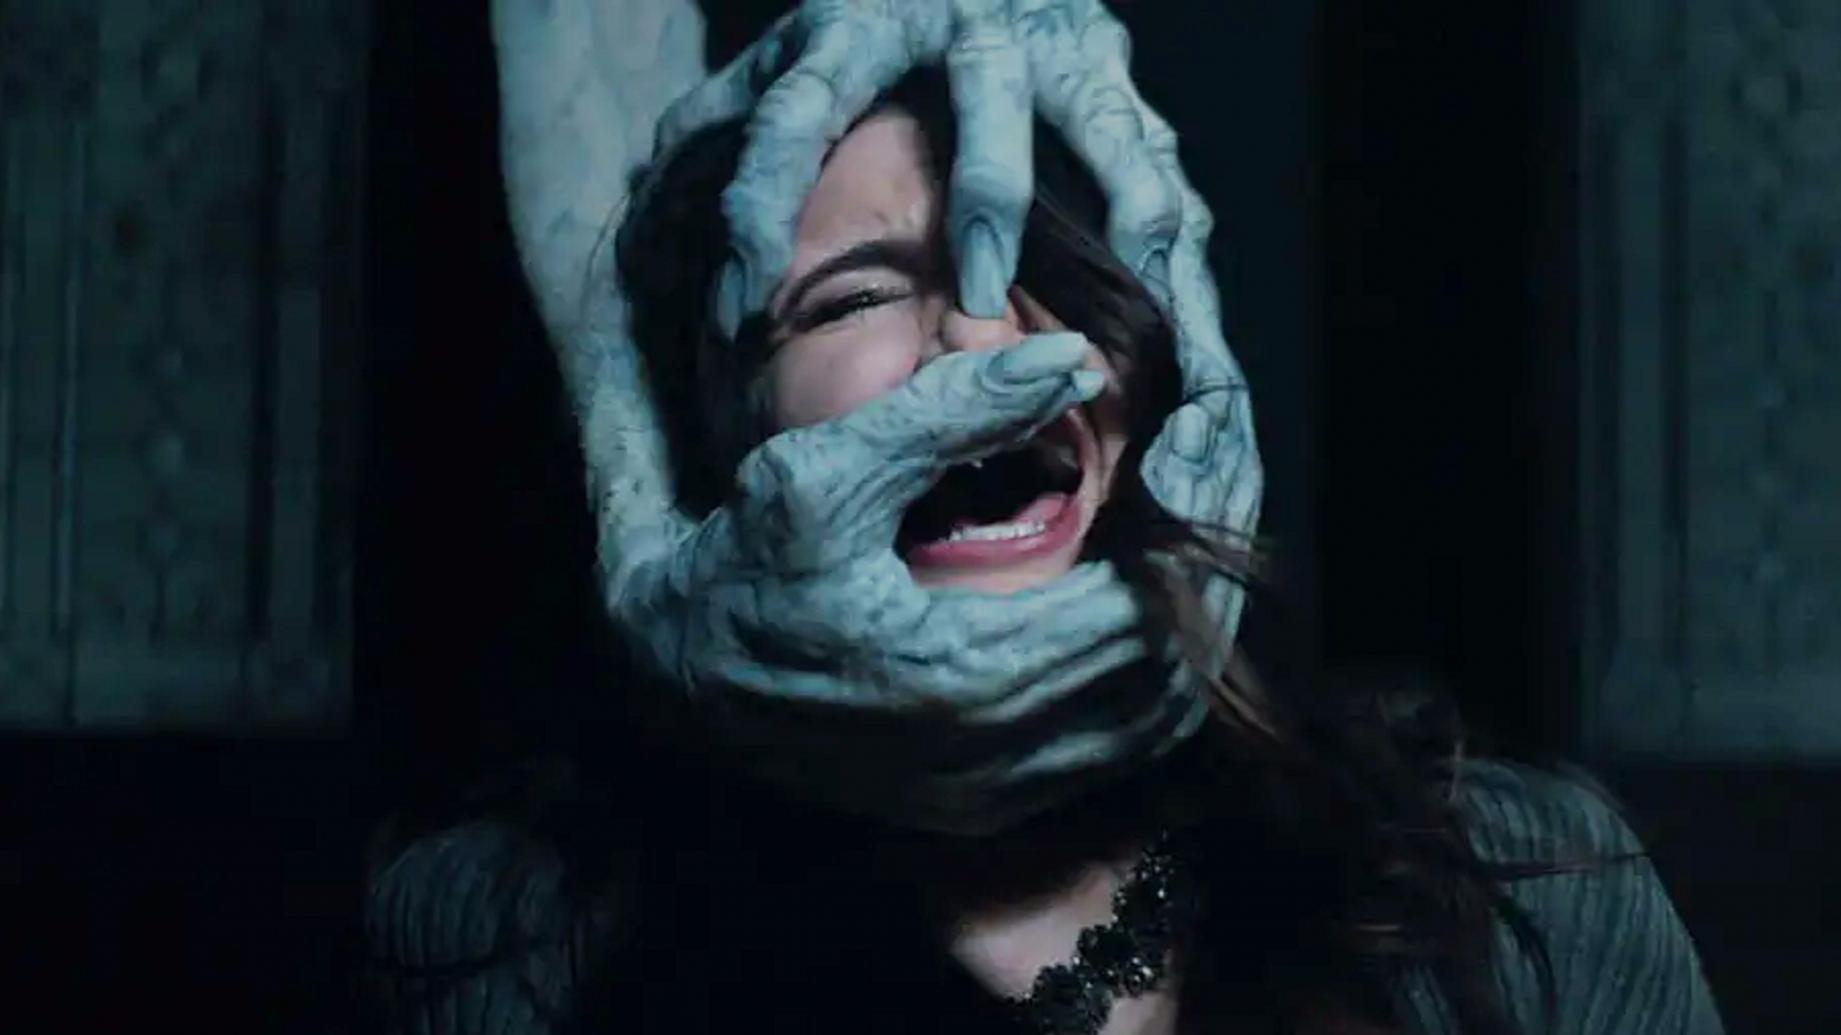 """【二哈】妹子乱拍照,结果被""""怪物""""缠上,一部搞笑的恐怖片"""